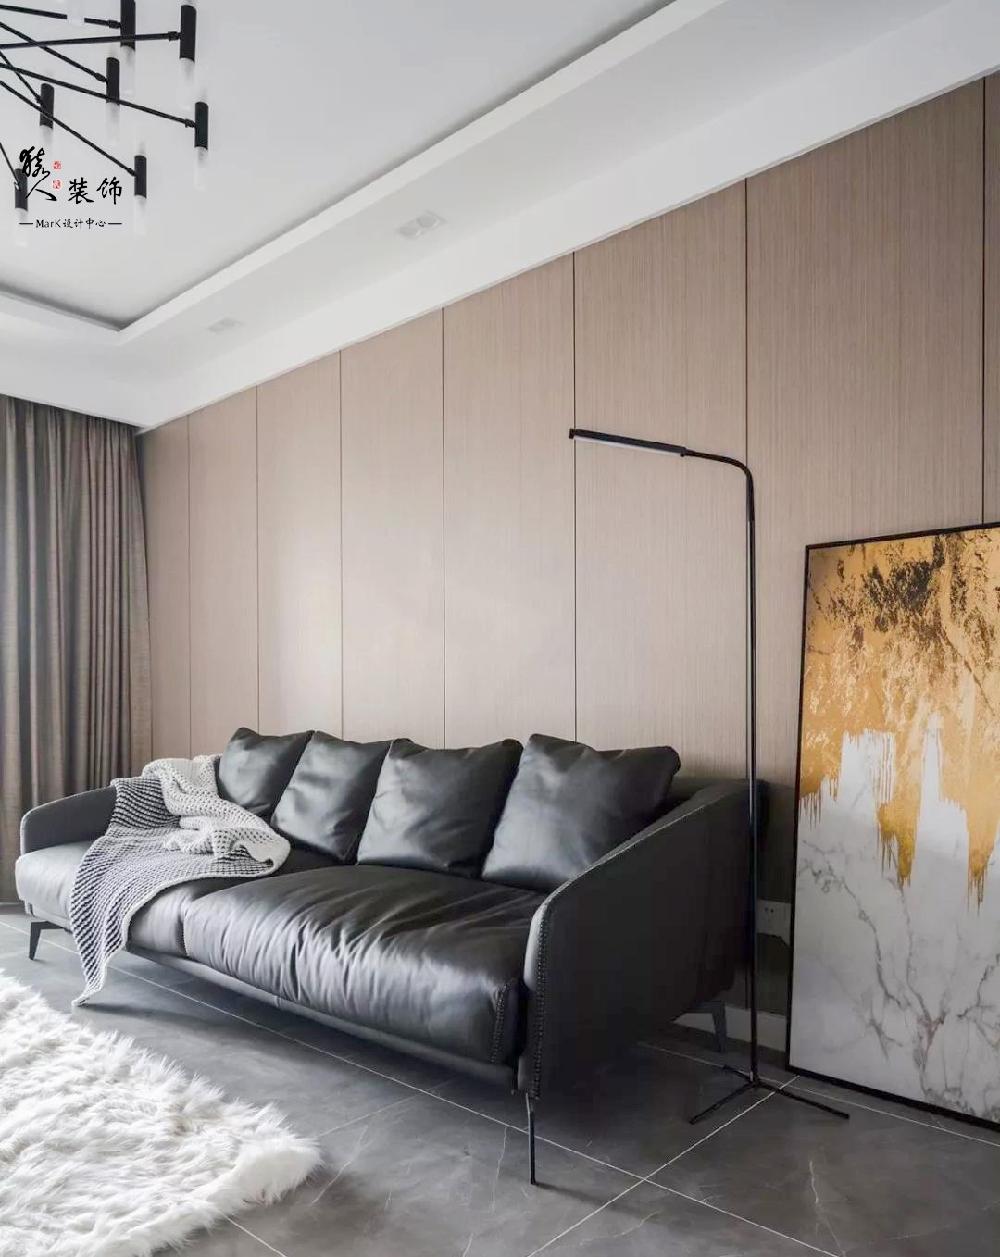 120平现代简约三室,电视背景也太能装了15136163